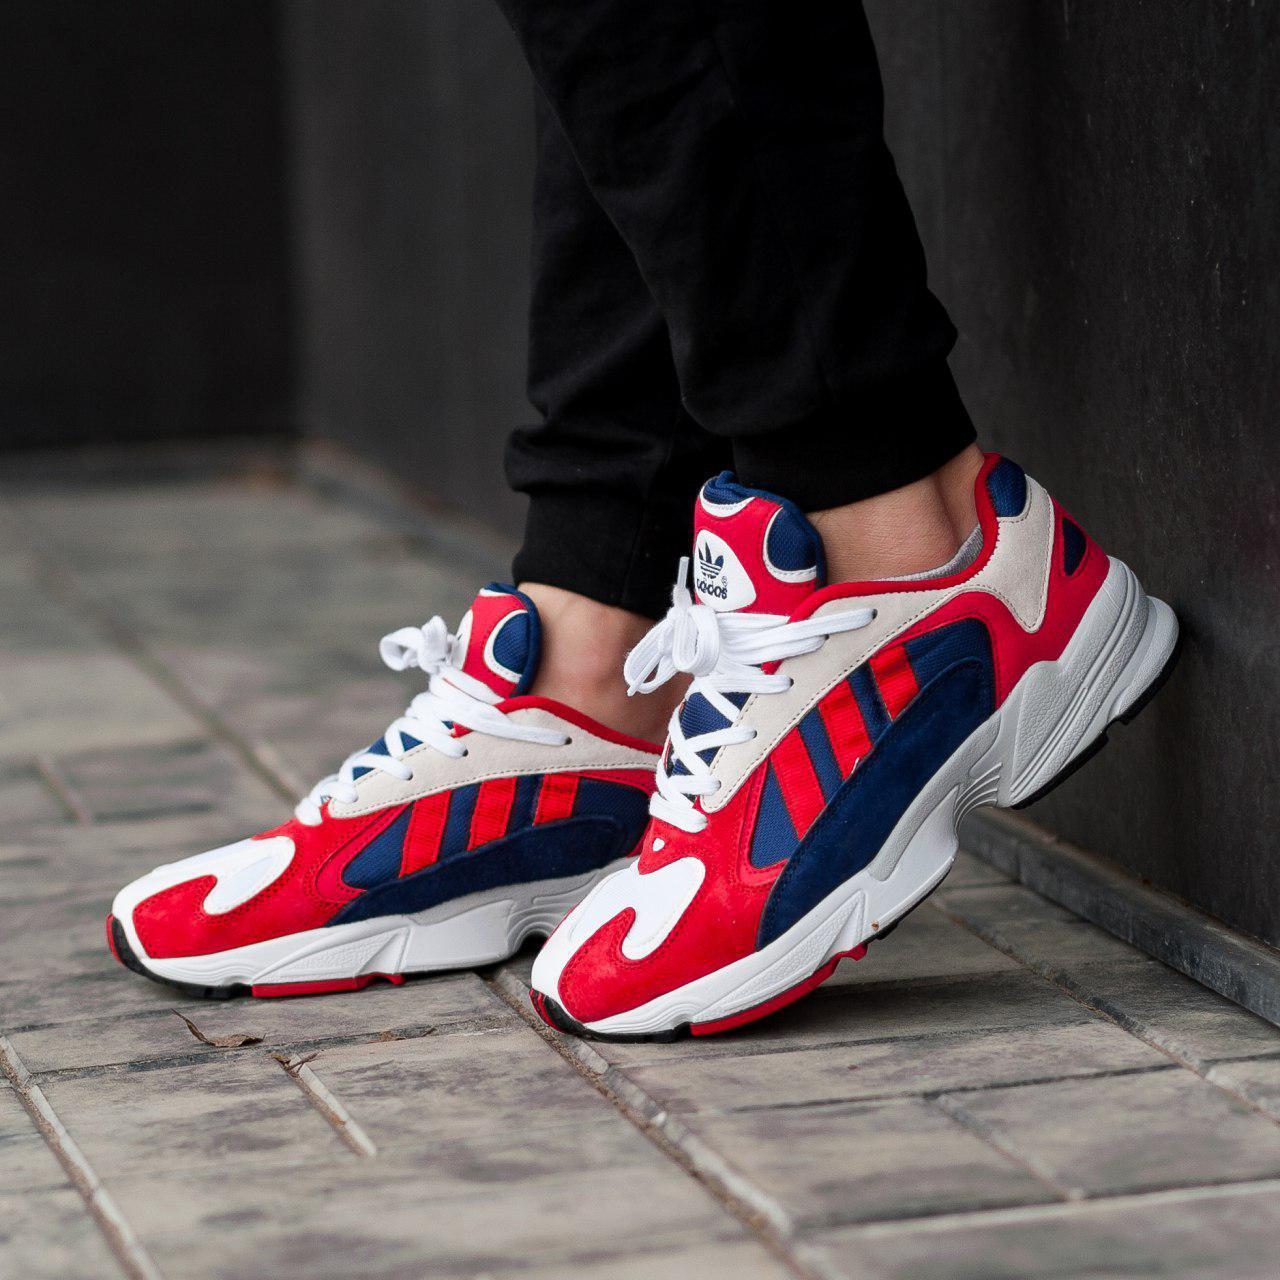 bb043c41 Мужские кроссовки adidas в стиле Yung 1 Red (Реплика ААА+) - Магазин  брендовой